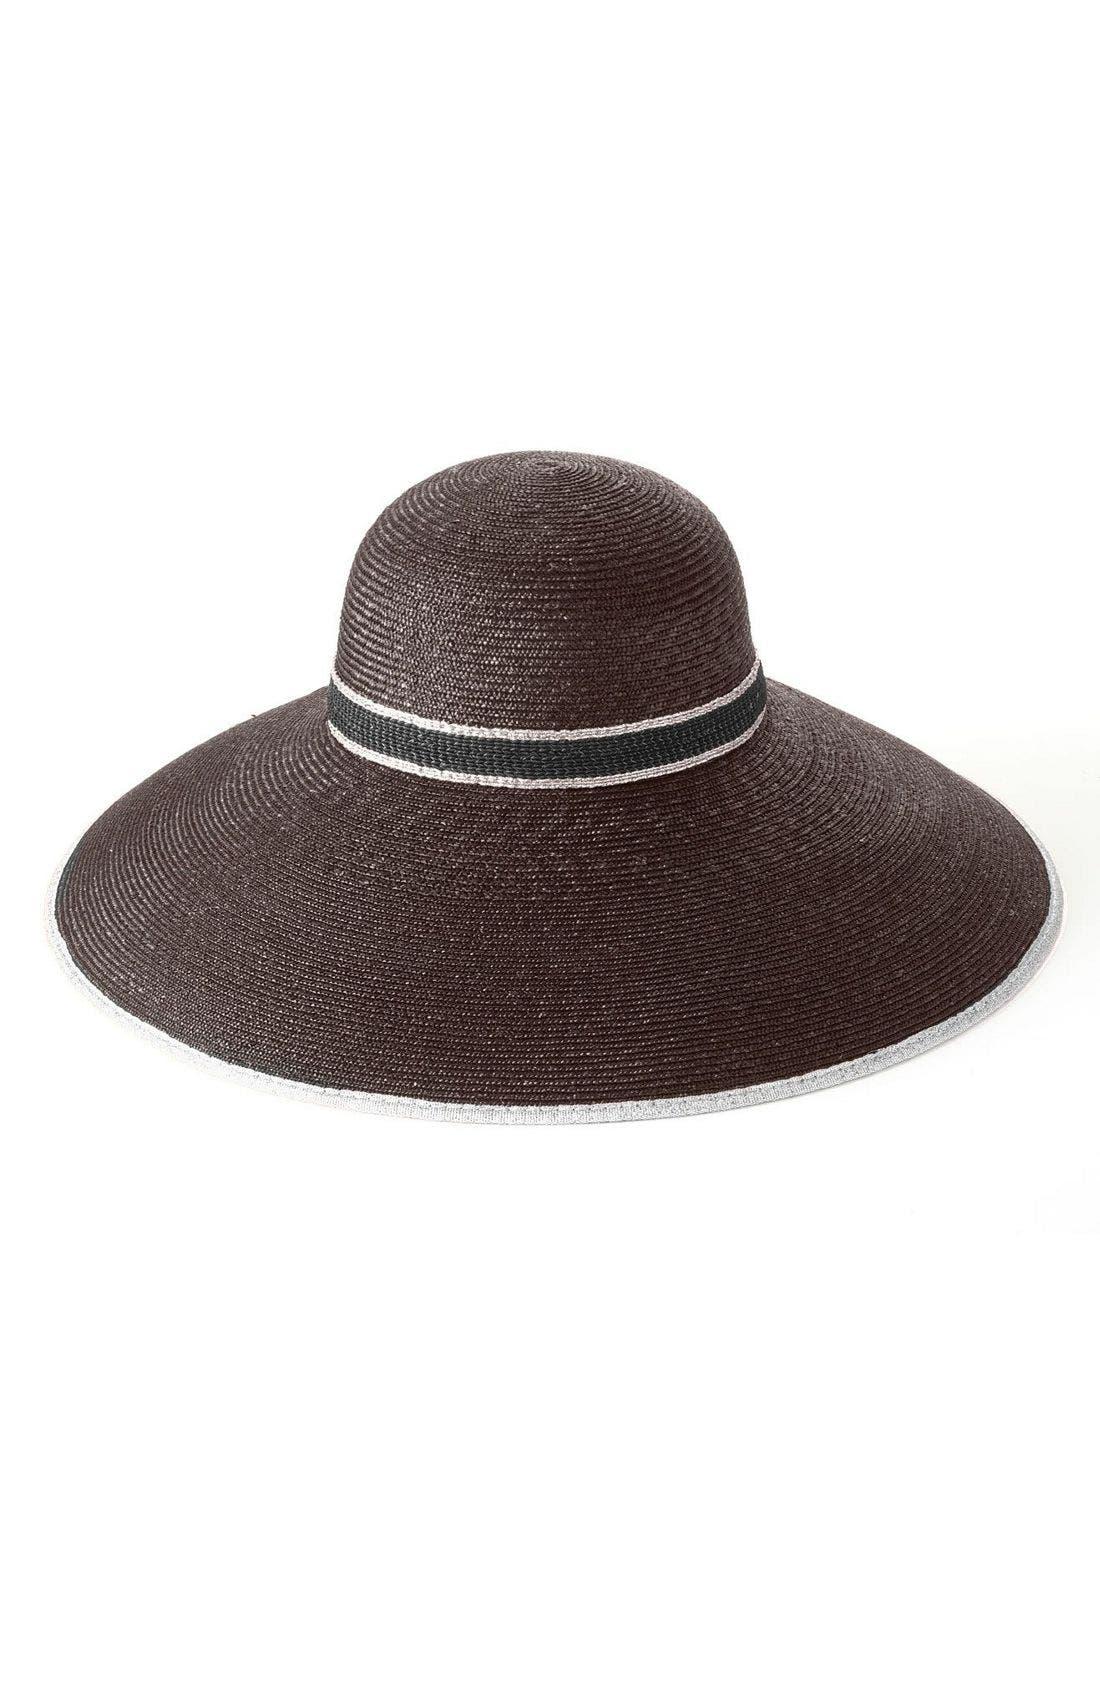 Alternate Image 1 Selected - Nordstrom 'Drama' Metallic Trim Straw Hat